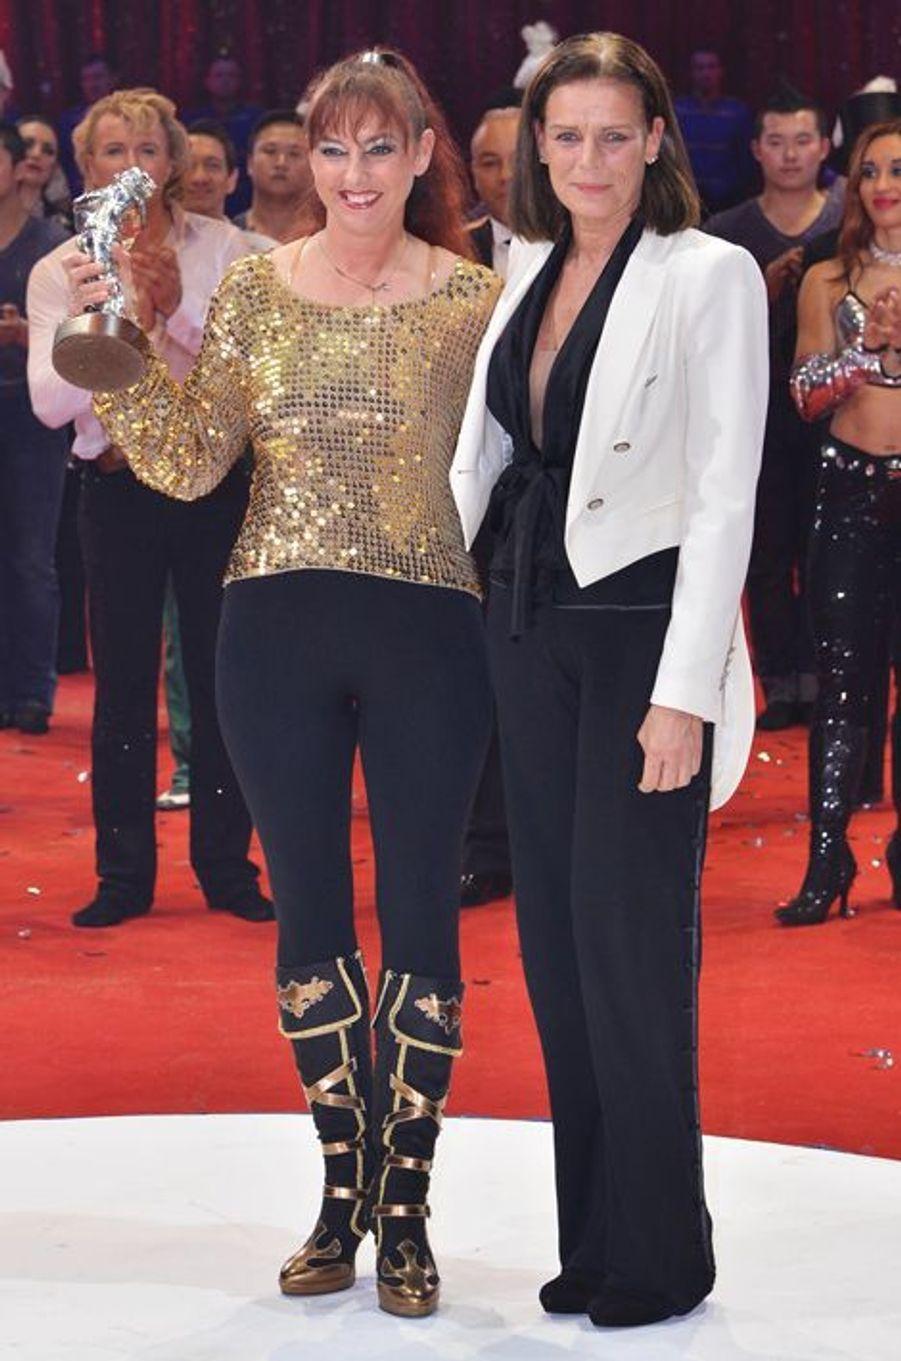 La princesse Stéphanie de Monaco le 21 janvier 2014